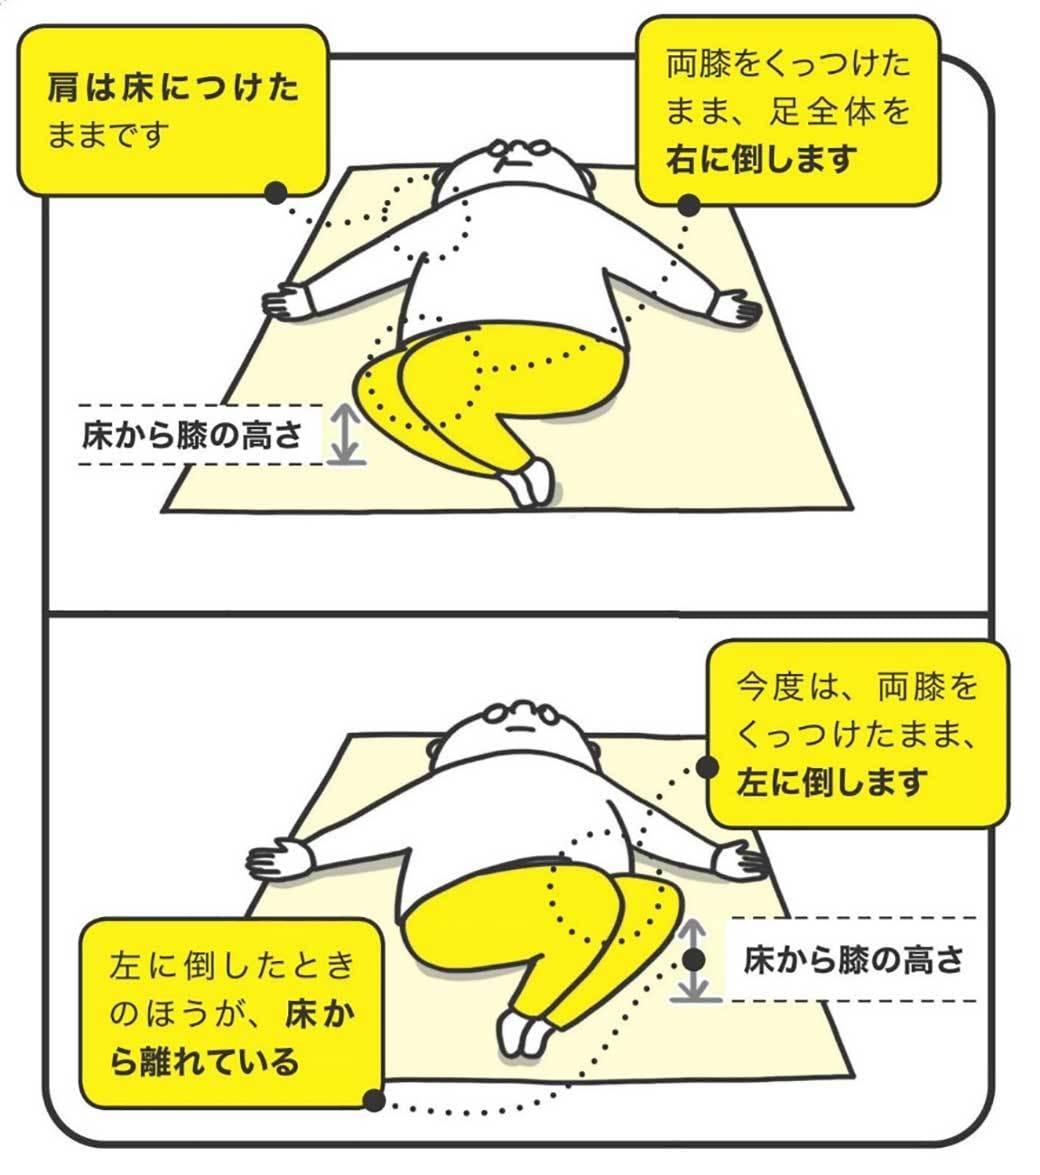 右側 急 に 女性 腰痛